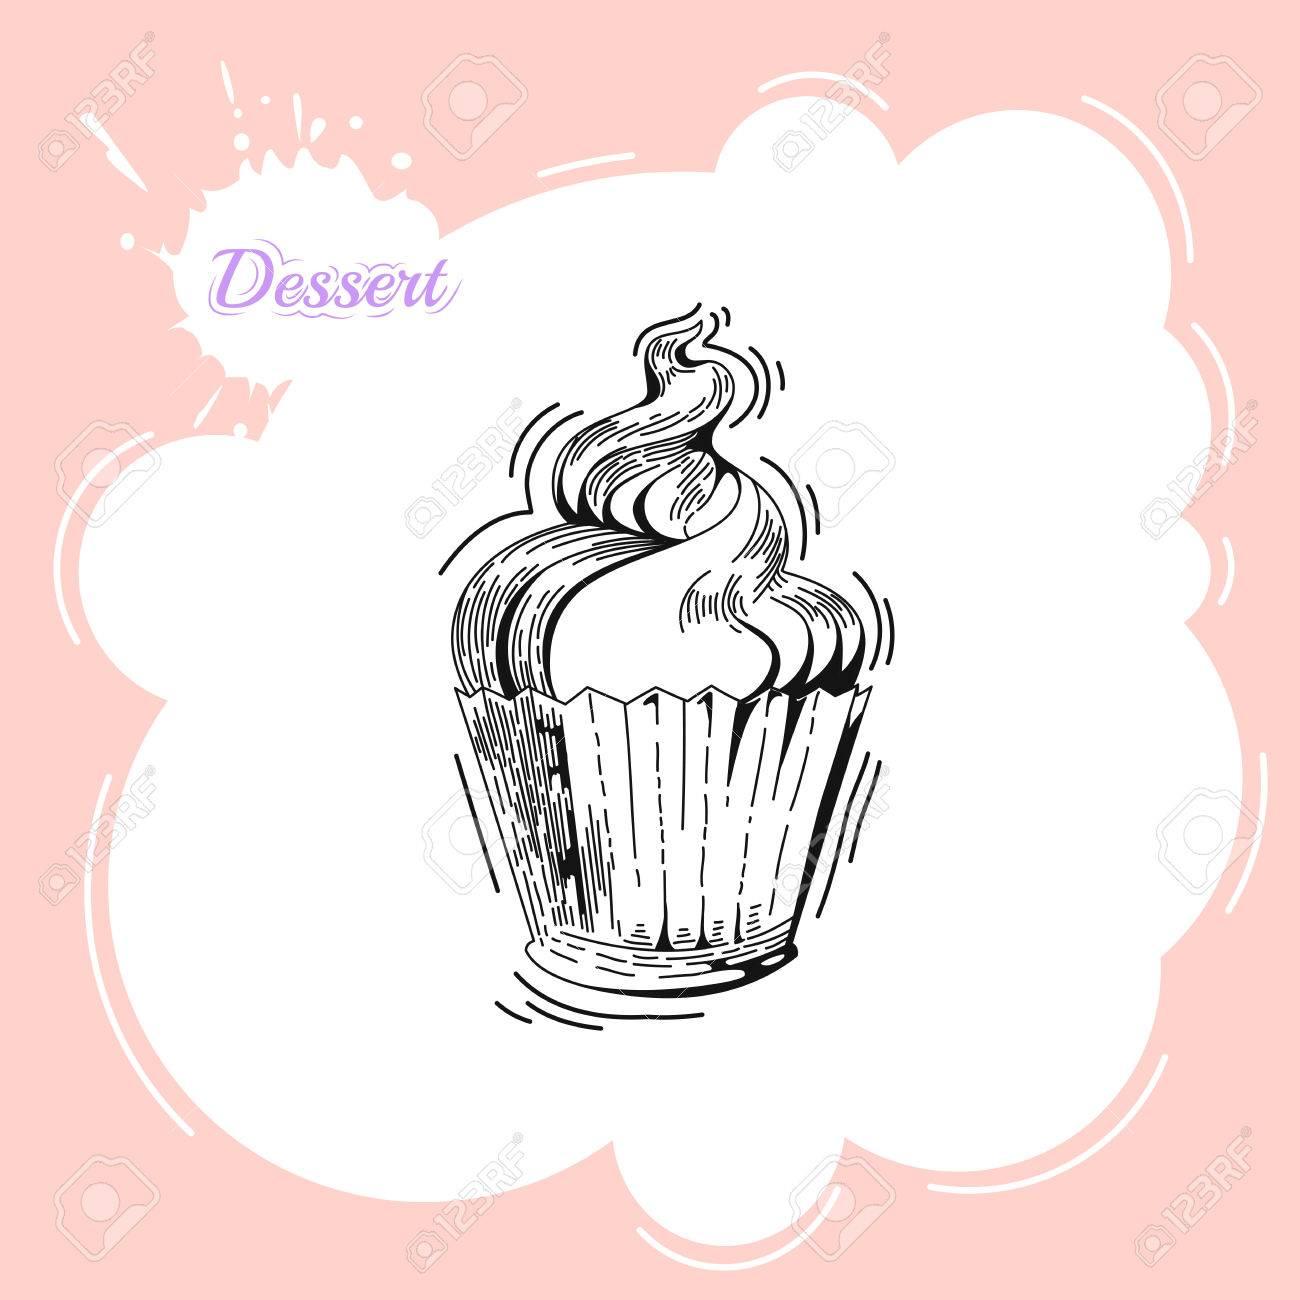 Cupcakes. Cartel En Estilo Vintage. Panadería Anuncio Plantilla De ...